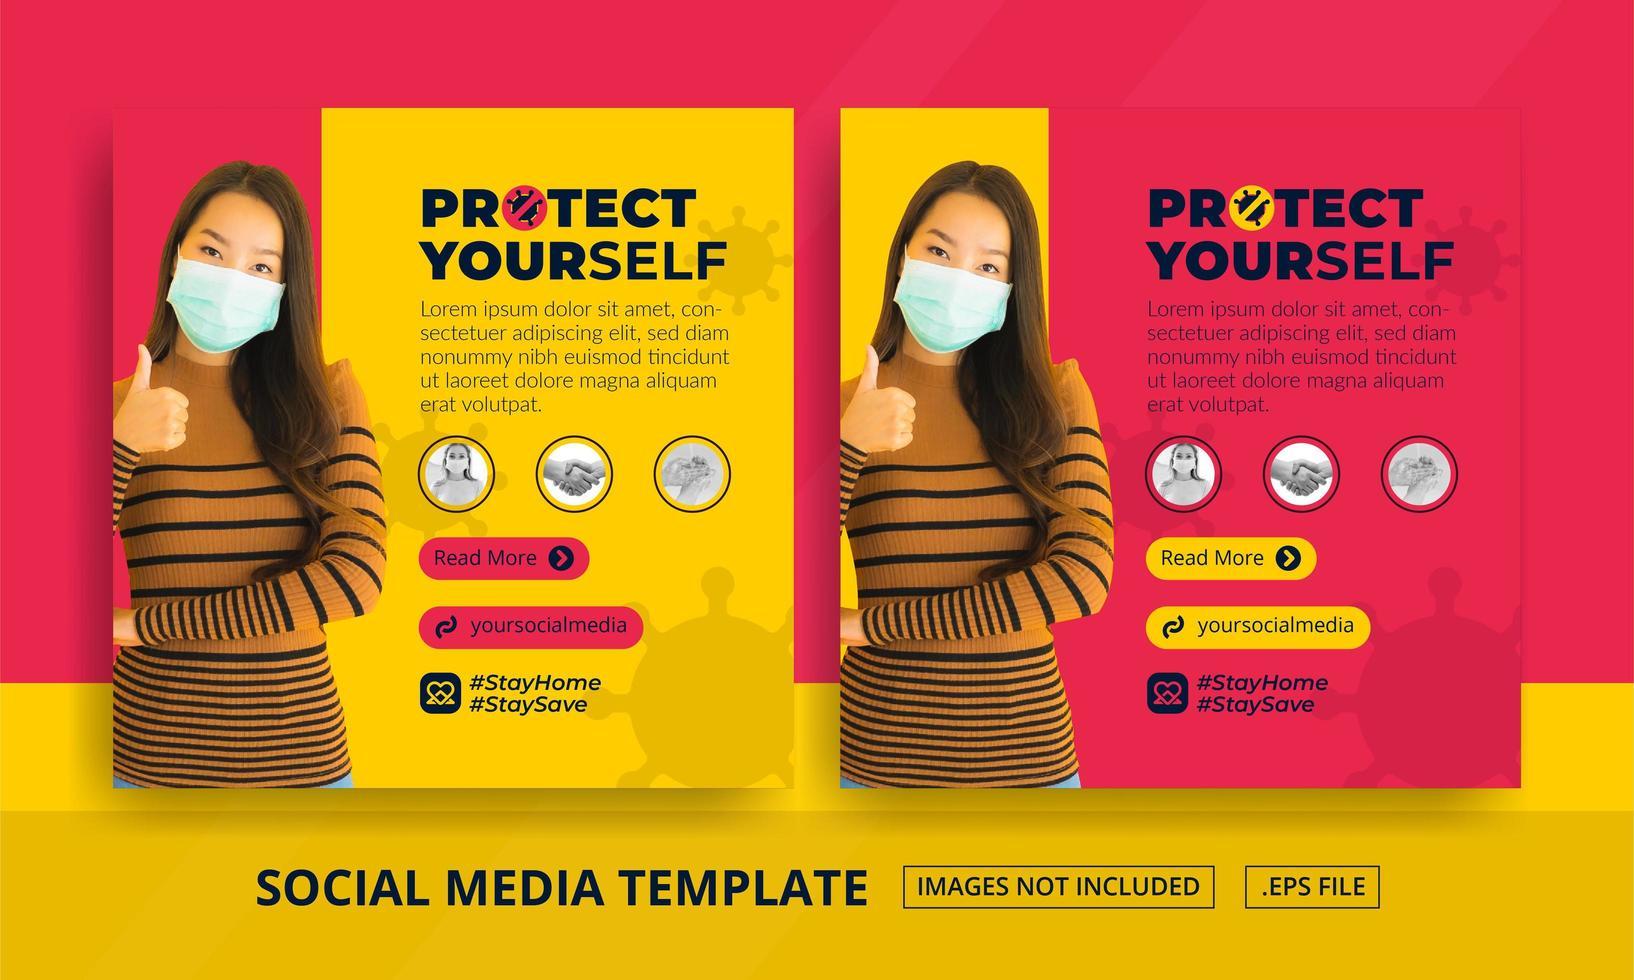 rosso e giallo proteggiti dai post sui social media vettore